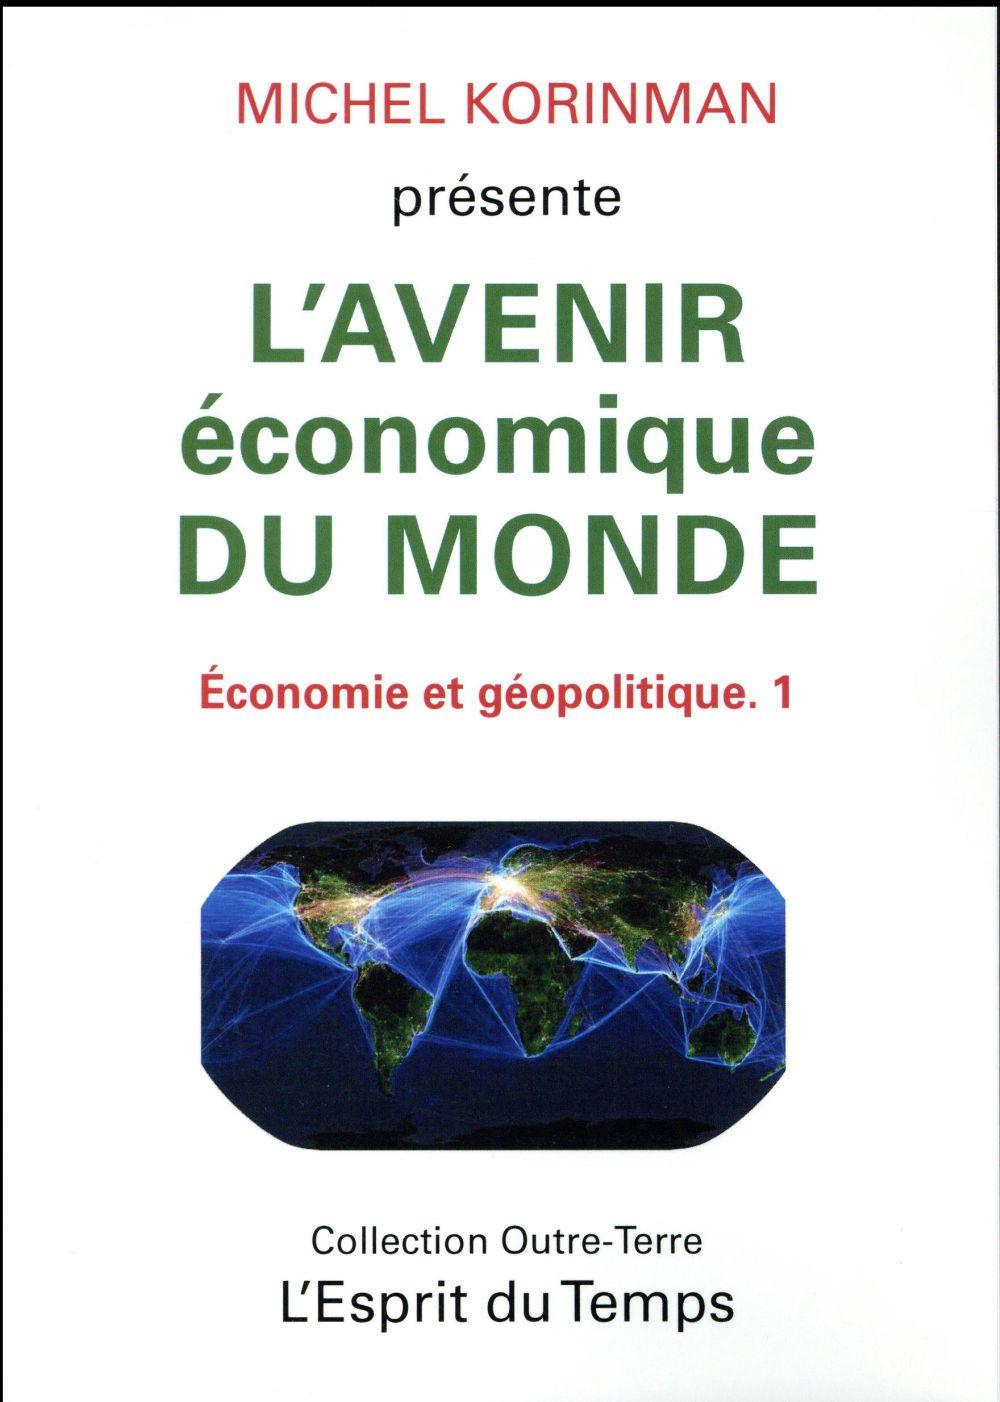 L'AVENIR ECONOMIQUE DU MONDE - ECONOMIE ET GEOPOLITIQUE - 1.